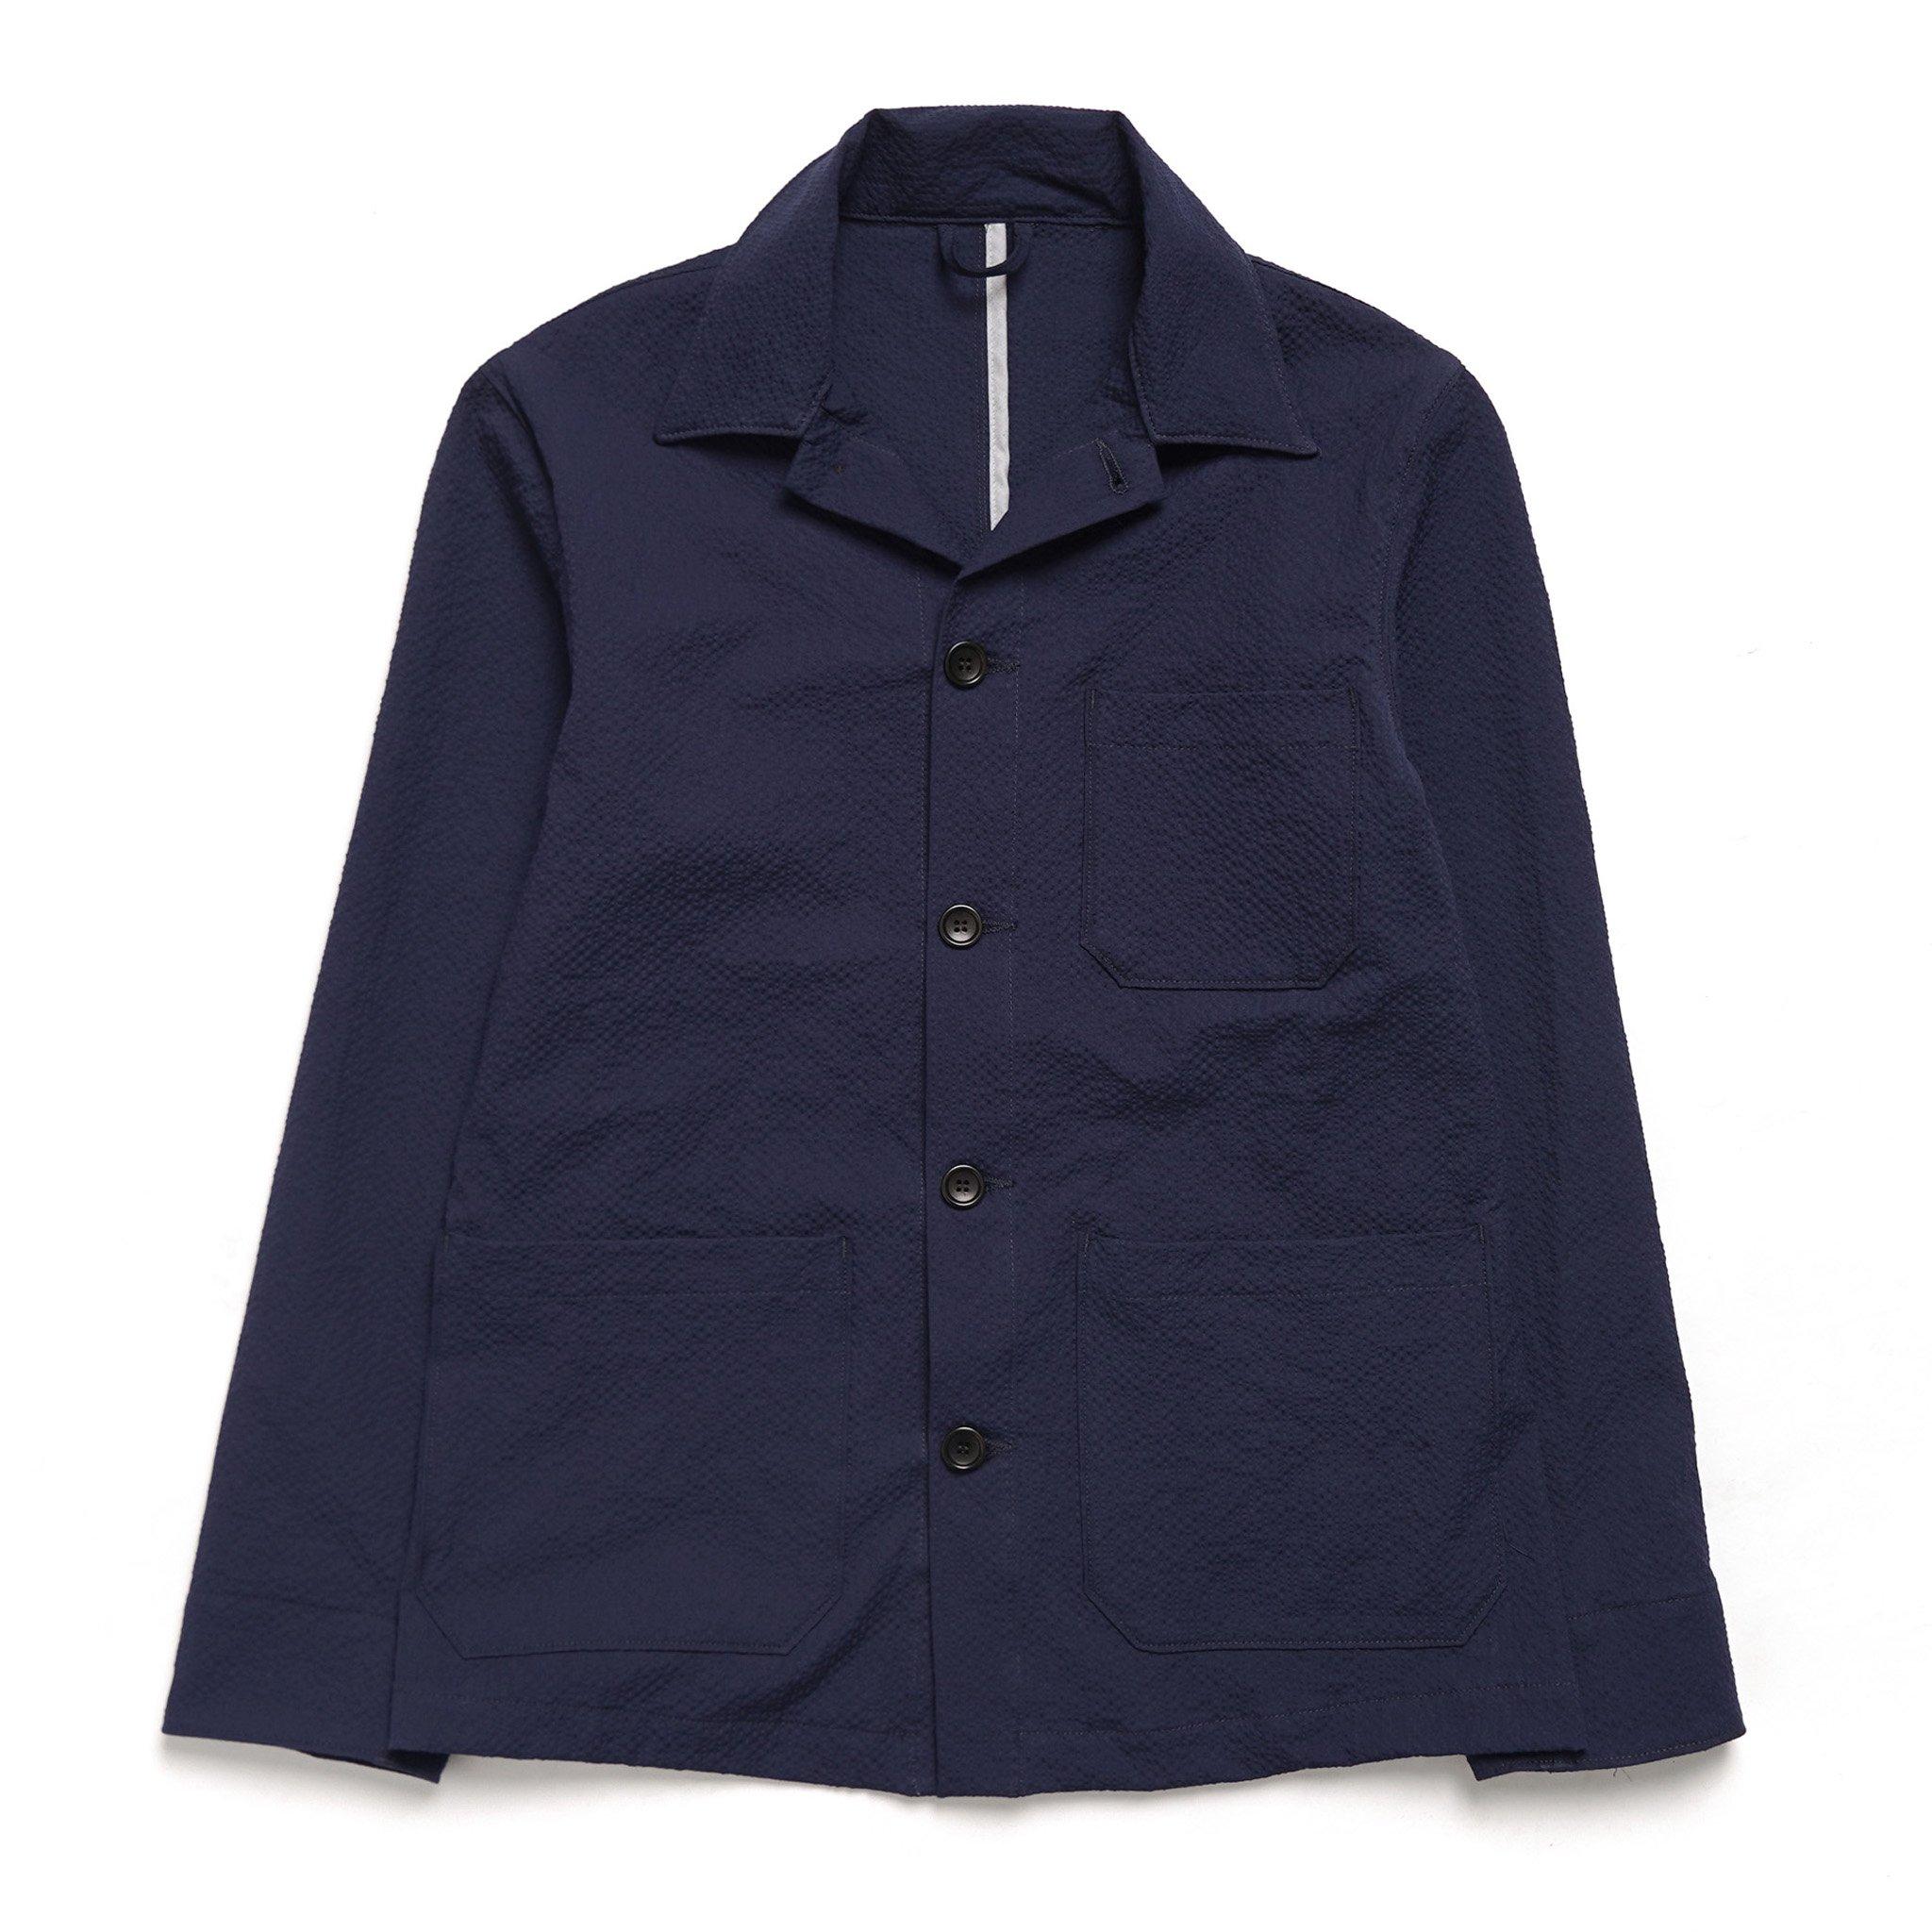 American Trench Italian Seersucker Chore Coat